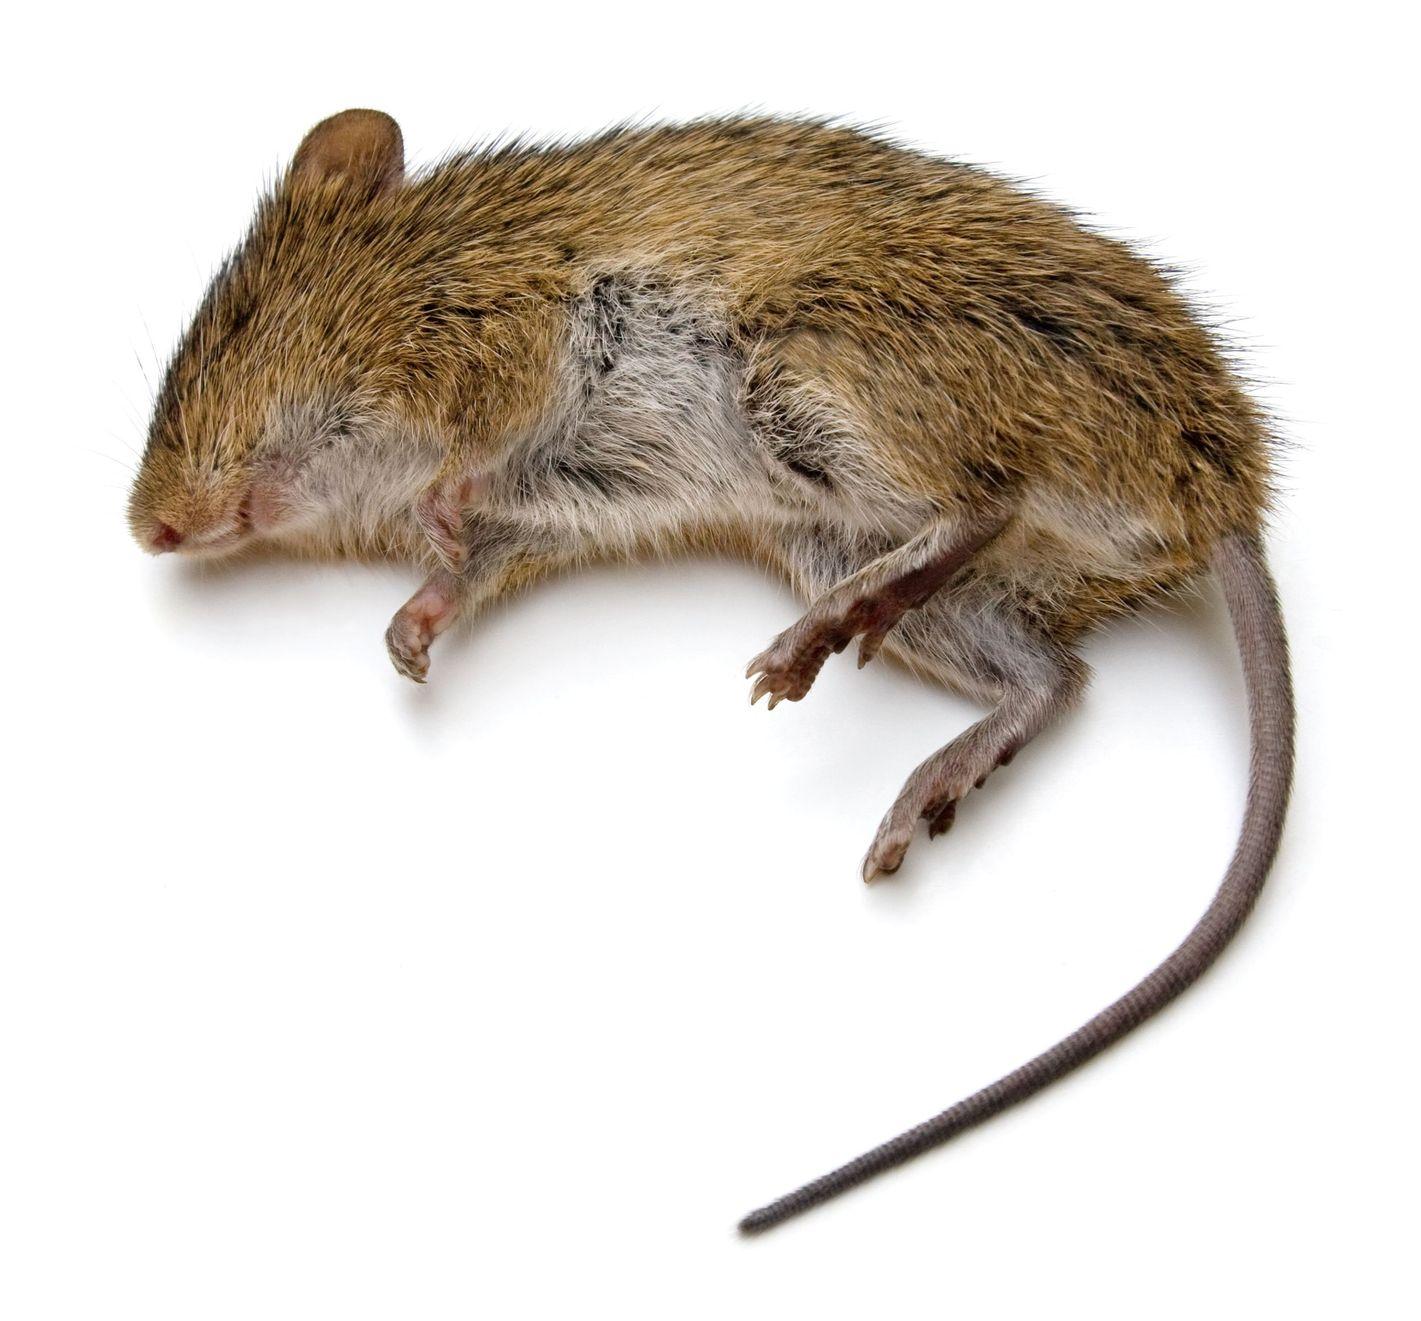 d ratisation lutte contre les rats souris rouen seine maritime 76. Black Bedroom Furniture Sets. Home Design Ideas